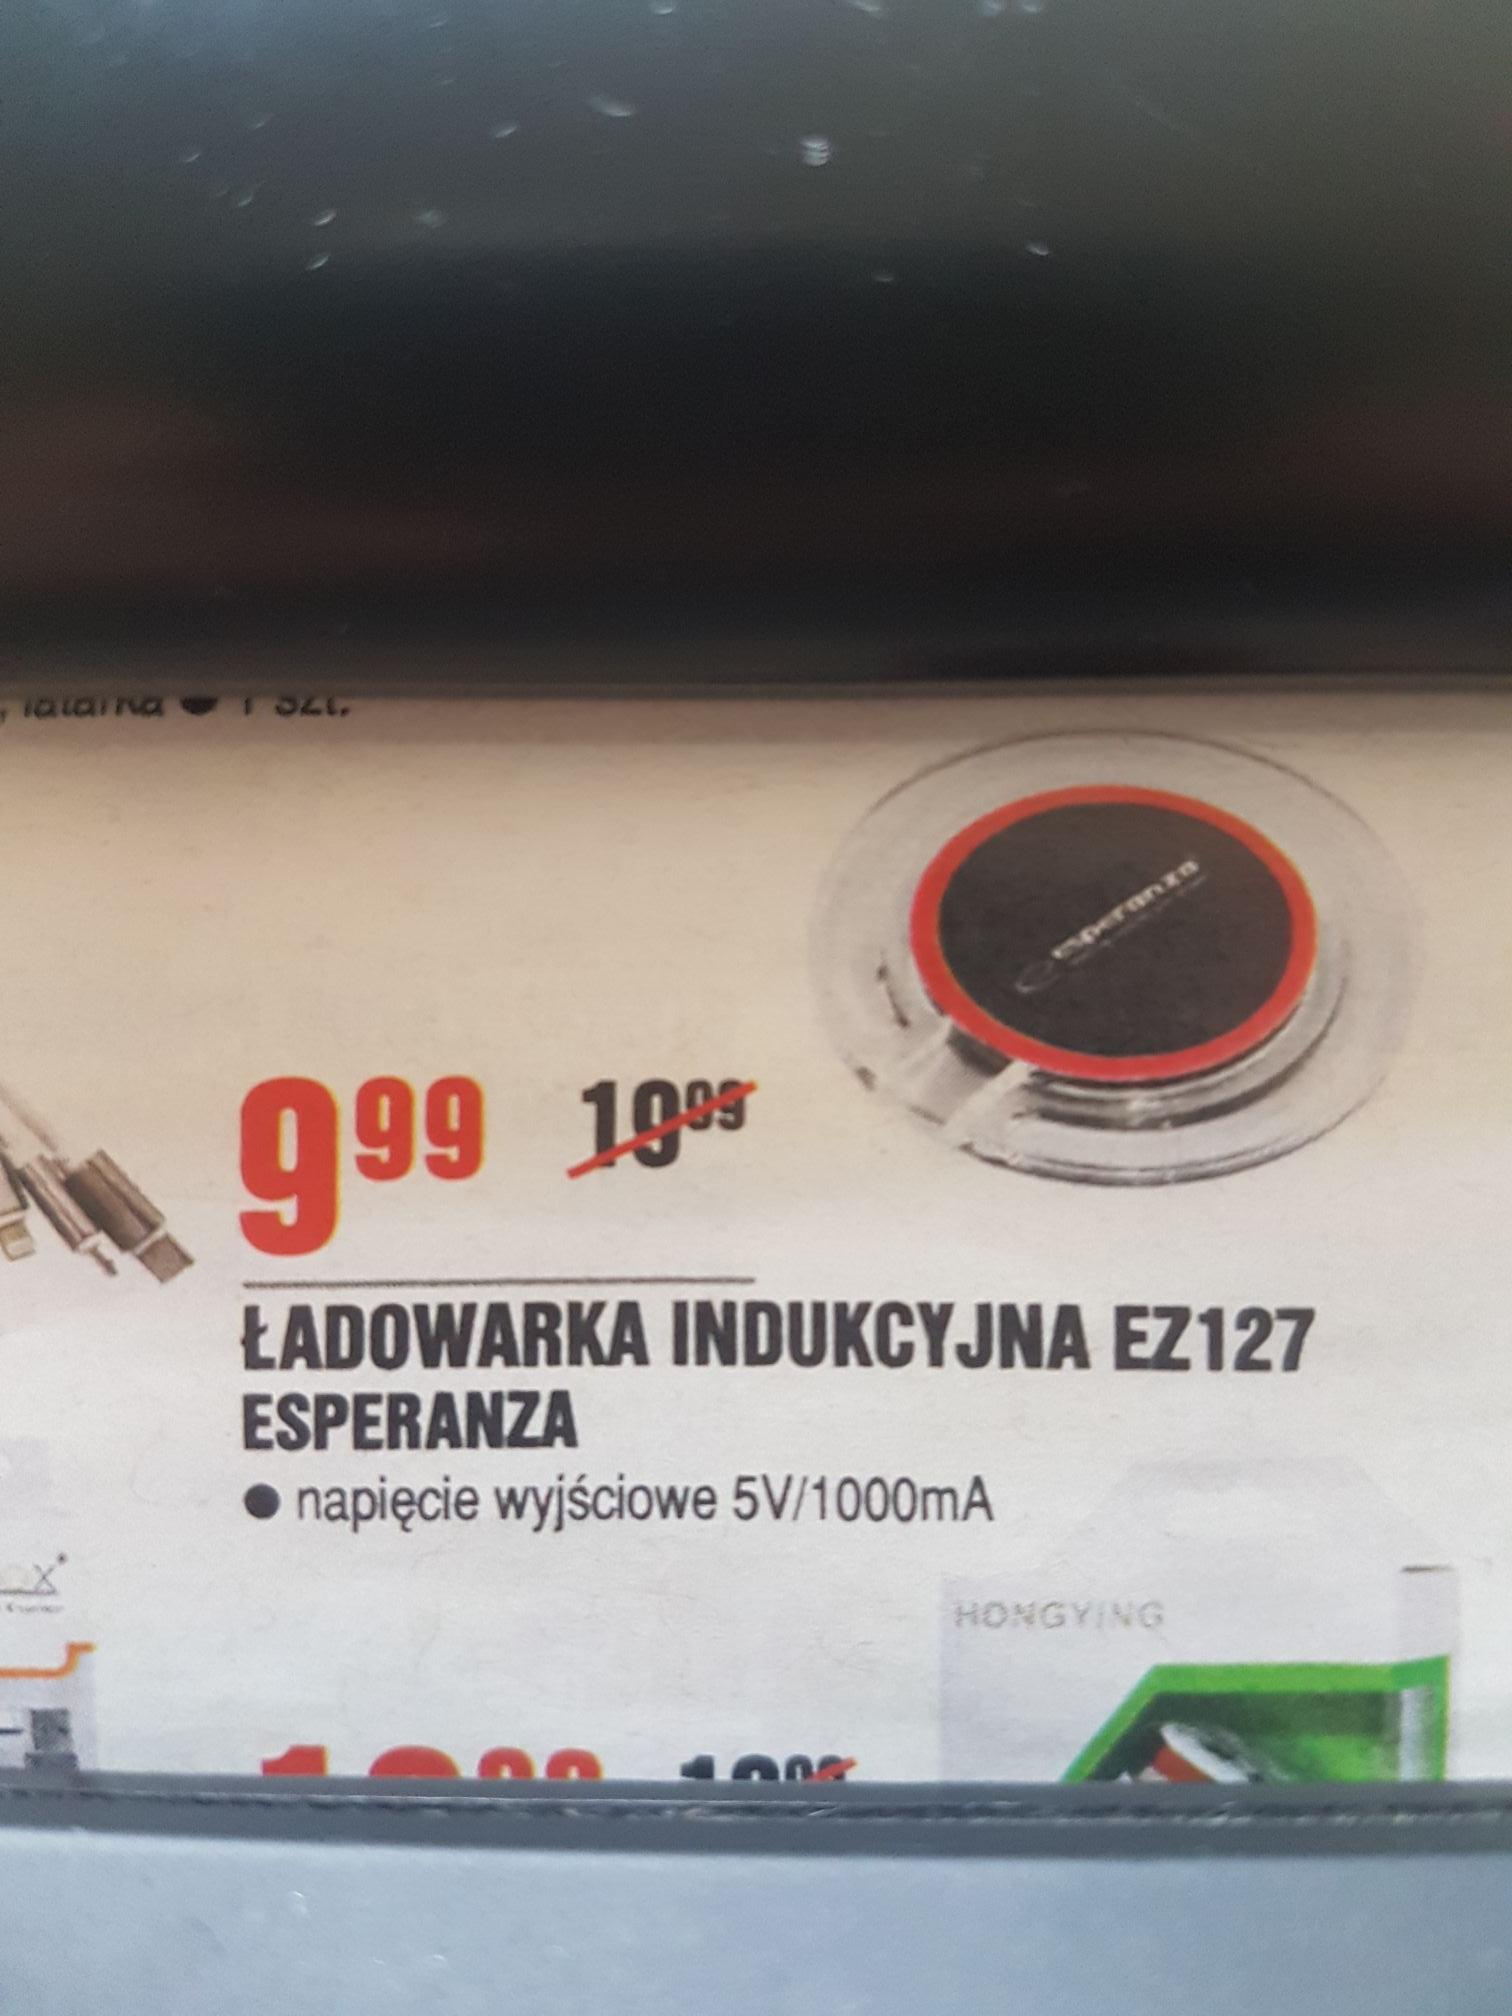 Ładowarka indukcyjna @ Leclerc (Warszawa)